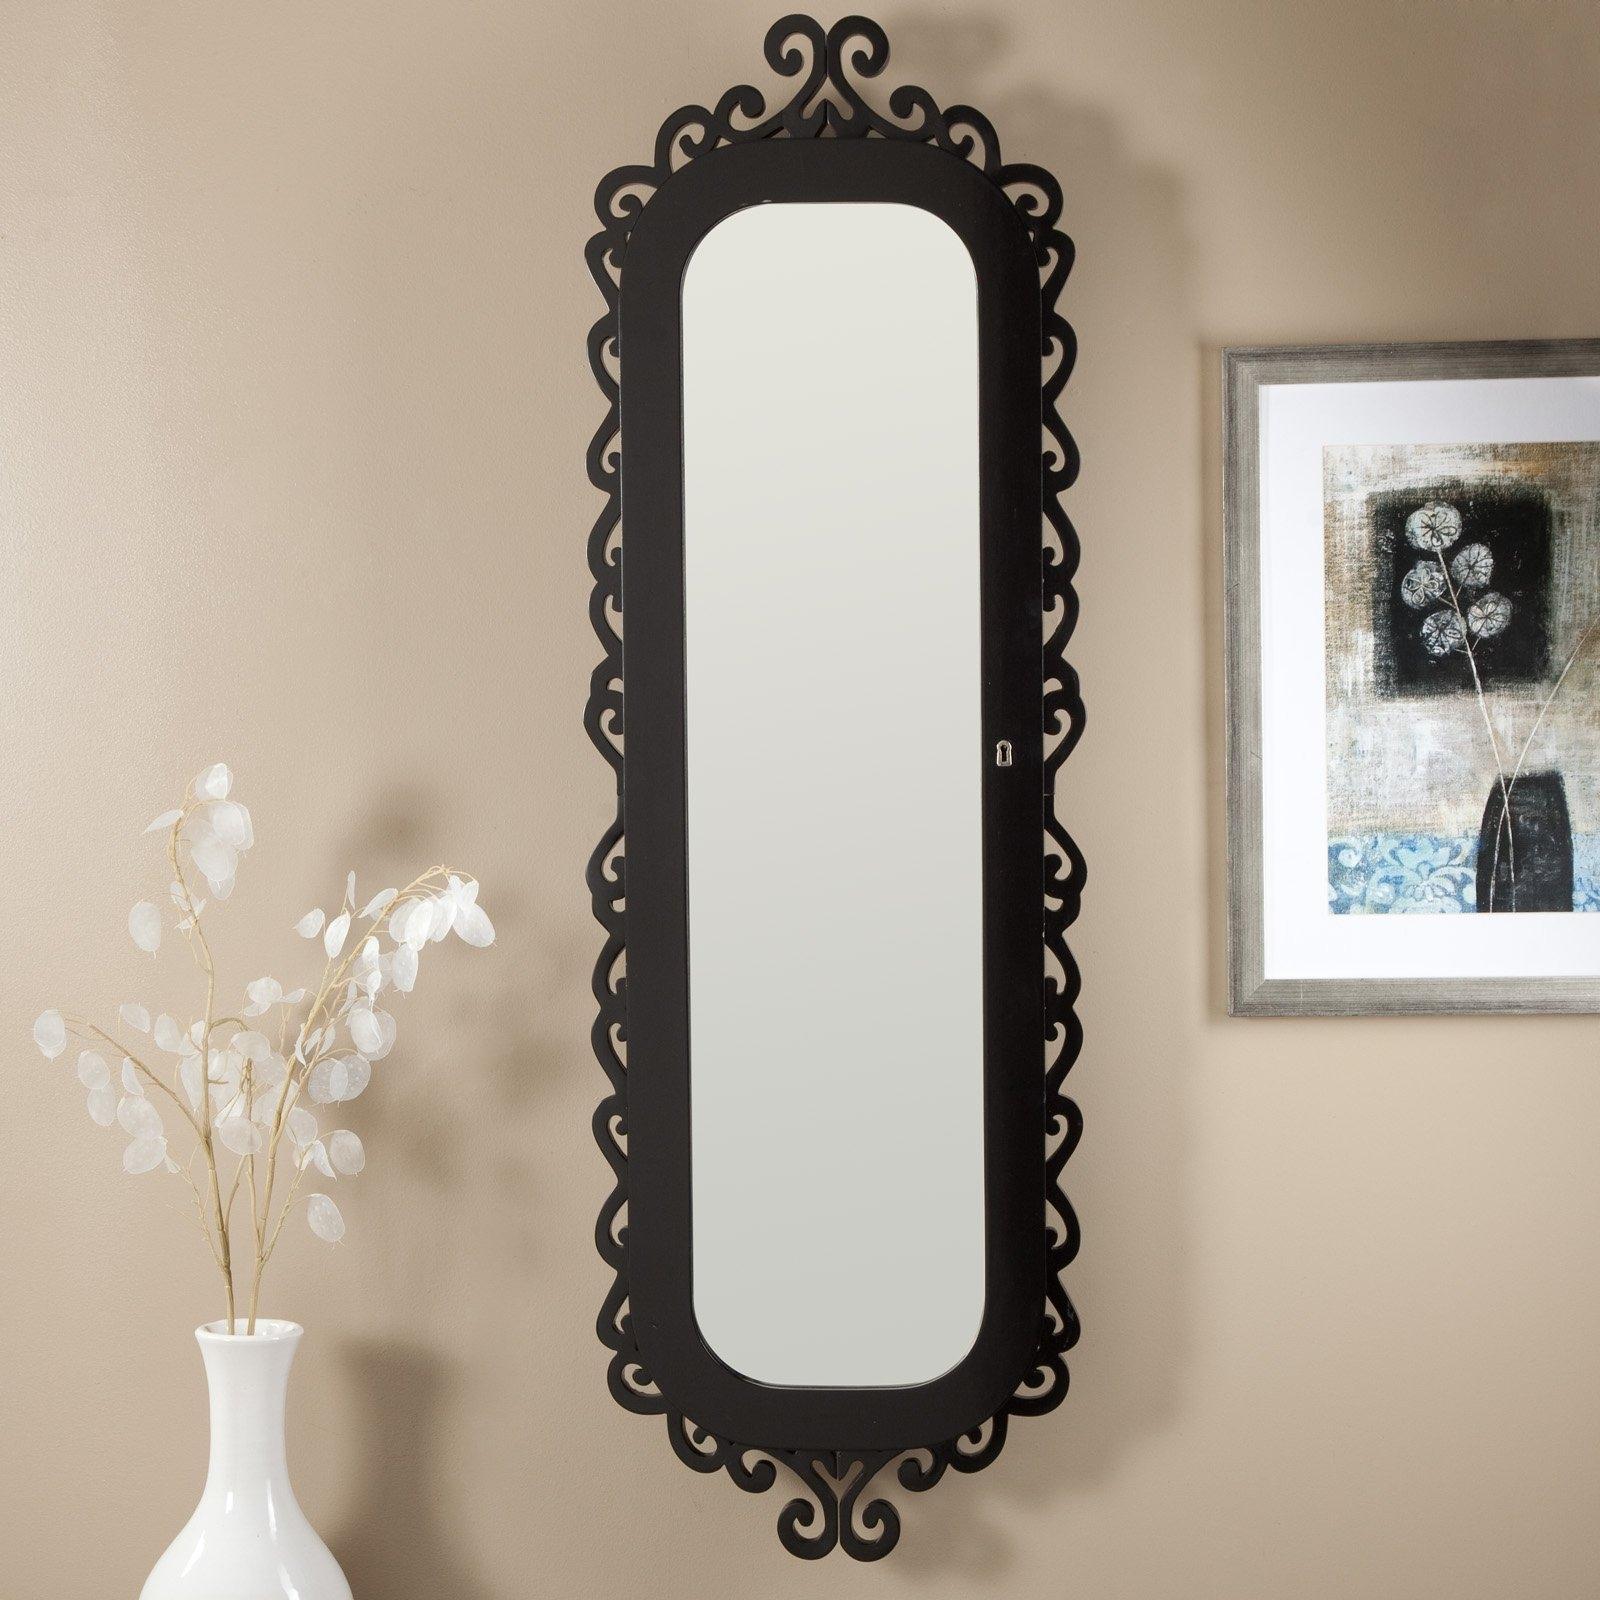 Buy Bathroom Mirrors Online Creative Bathroom Decoration For Buy Vintage Mirror (Photo 5 of 15)